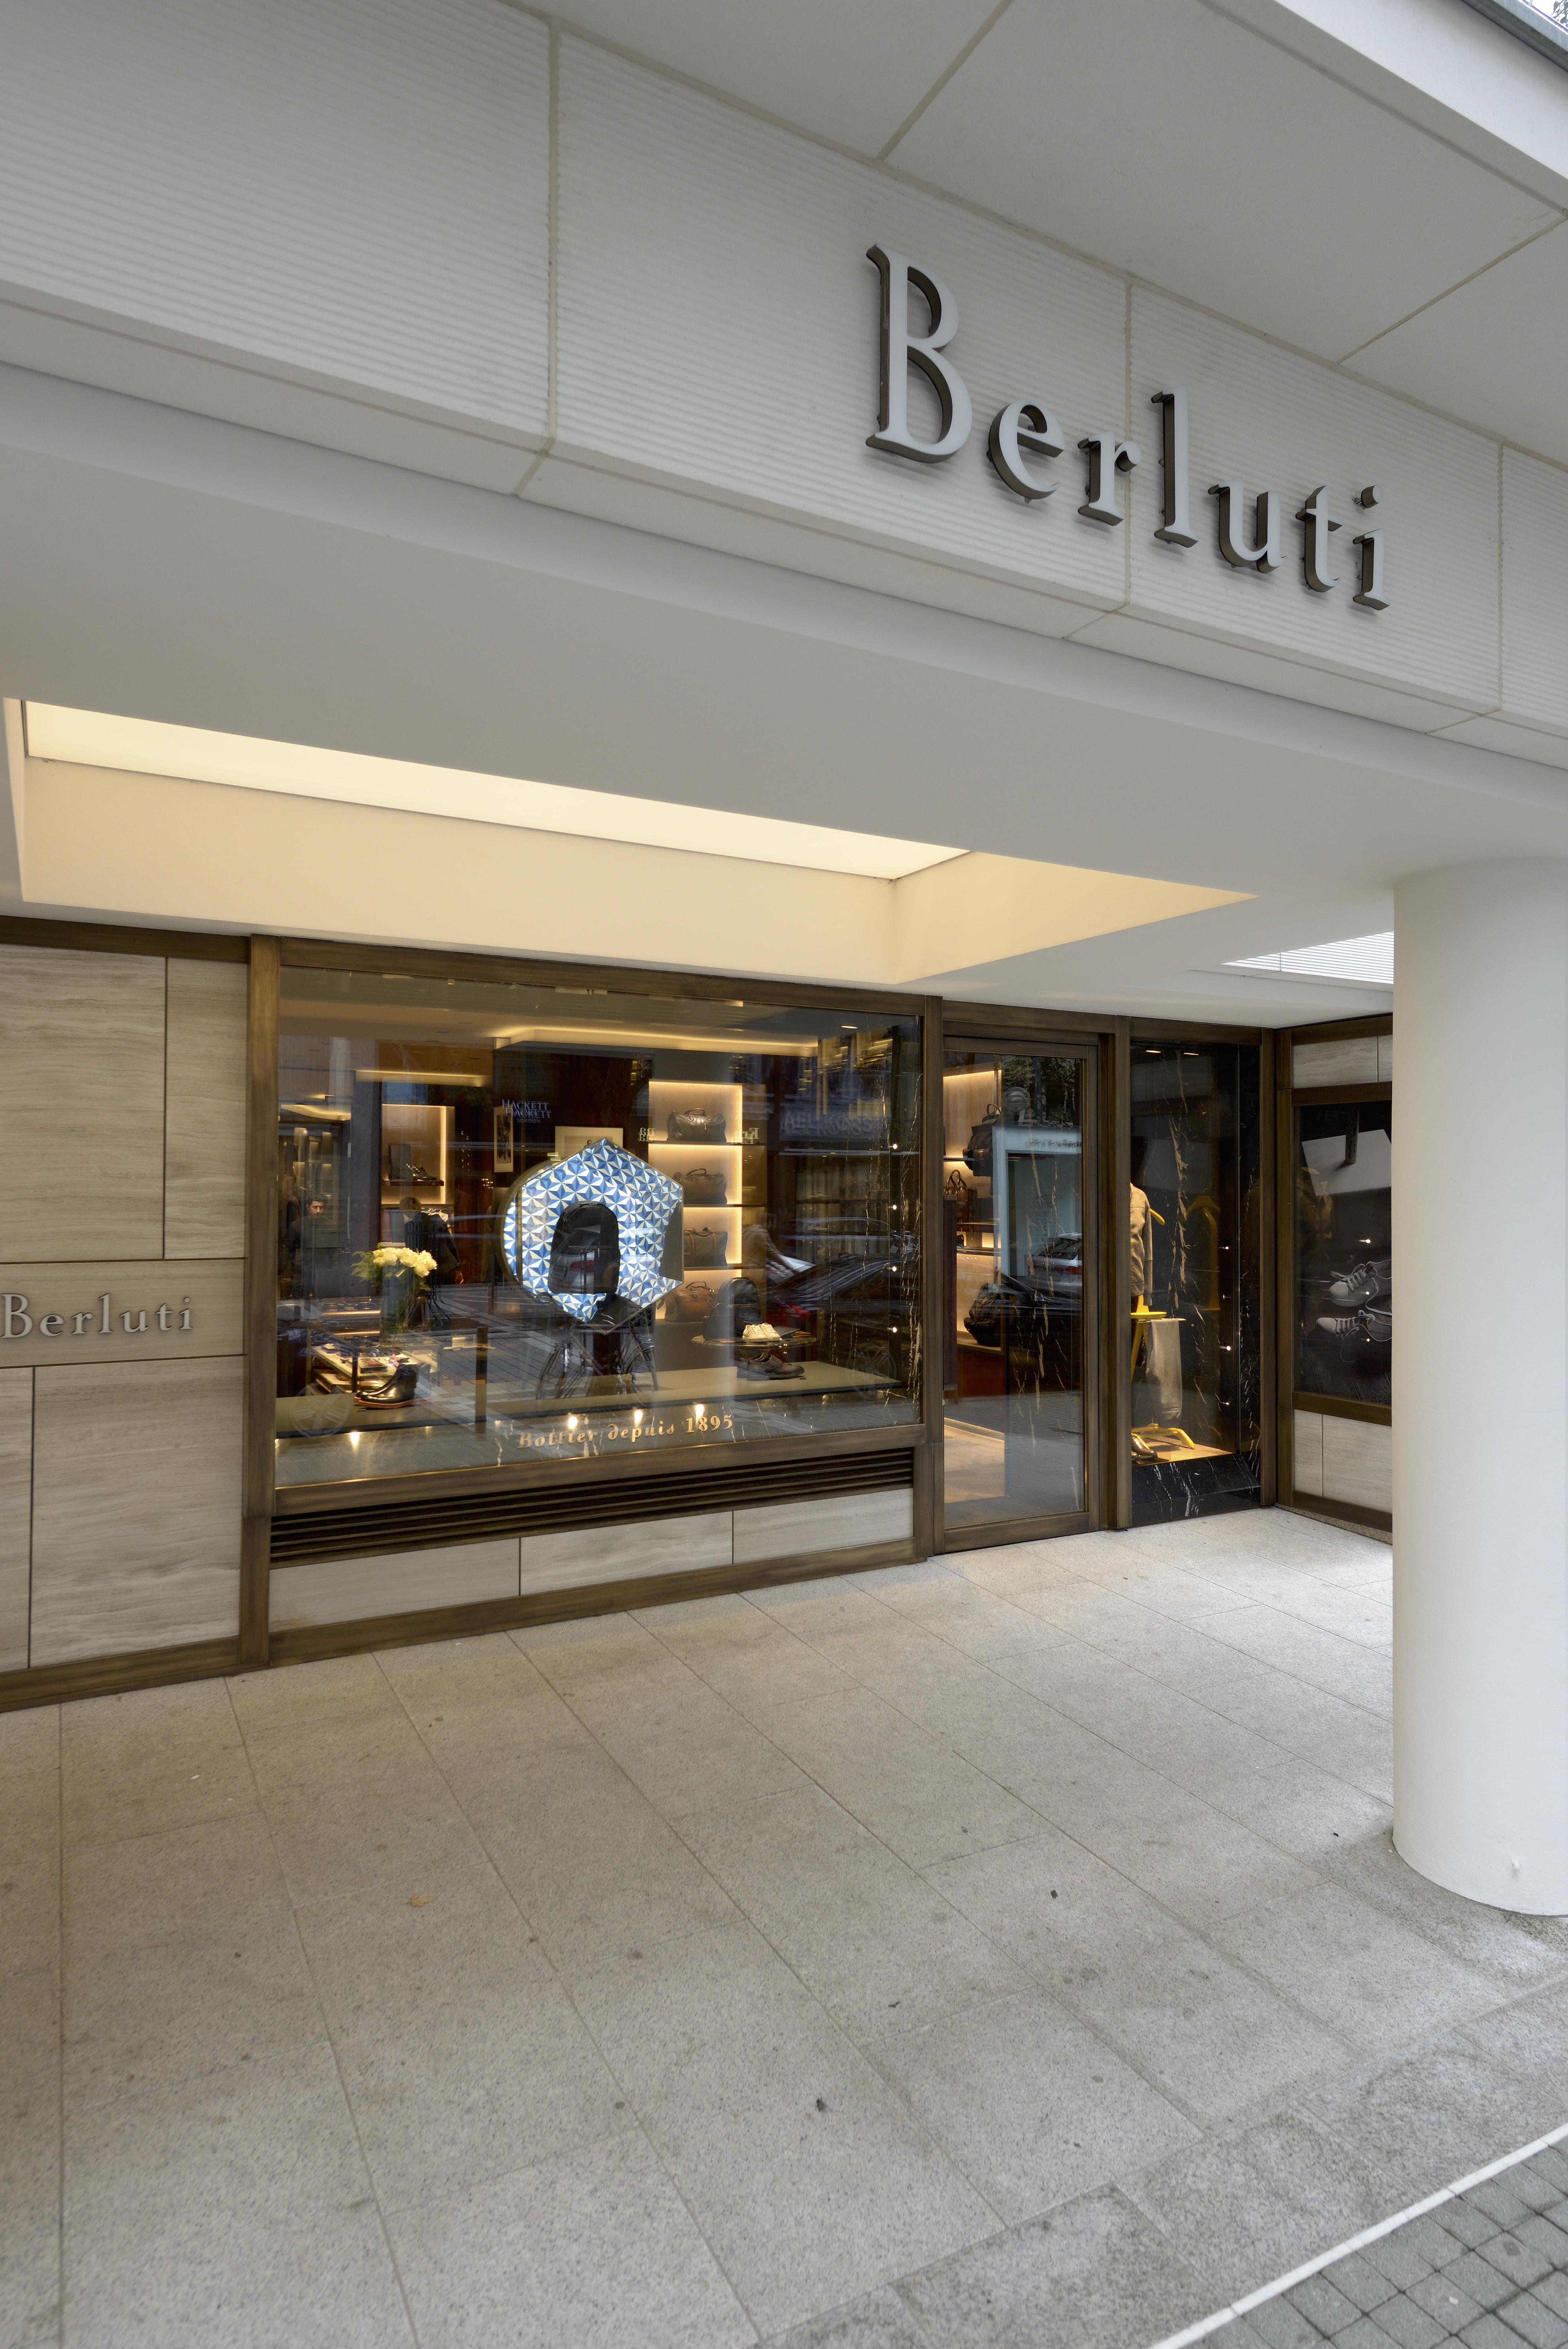 Kauft Ein Ein Aus Frankfurt Berluti Dem Location gbf6yY7